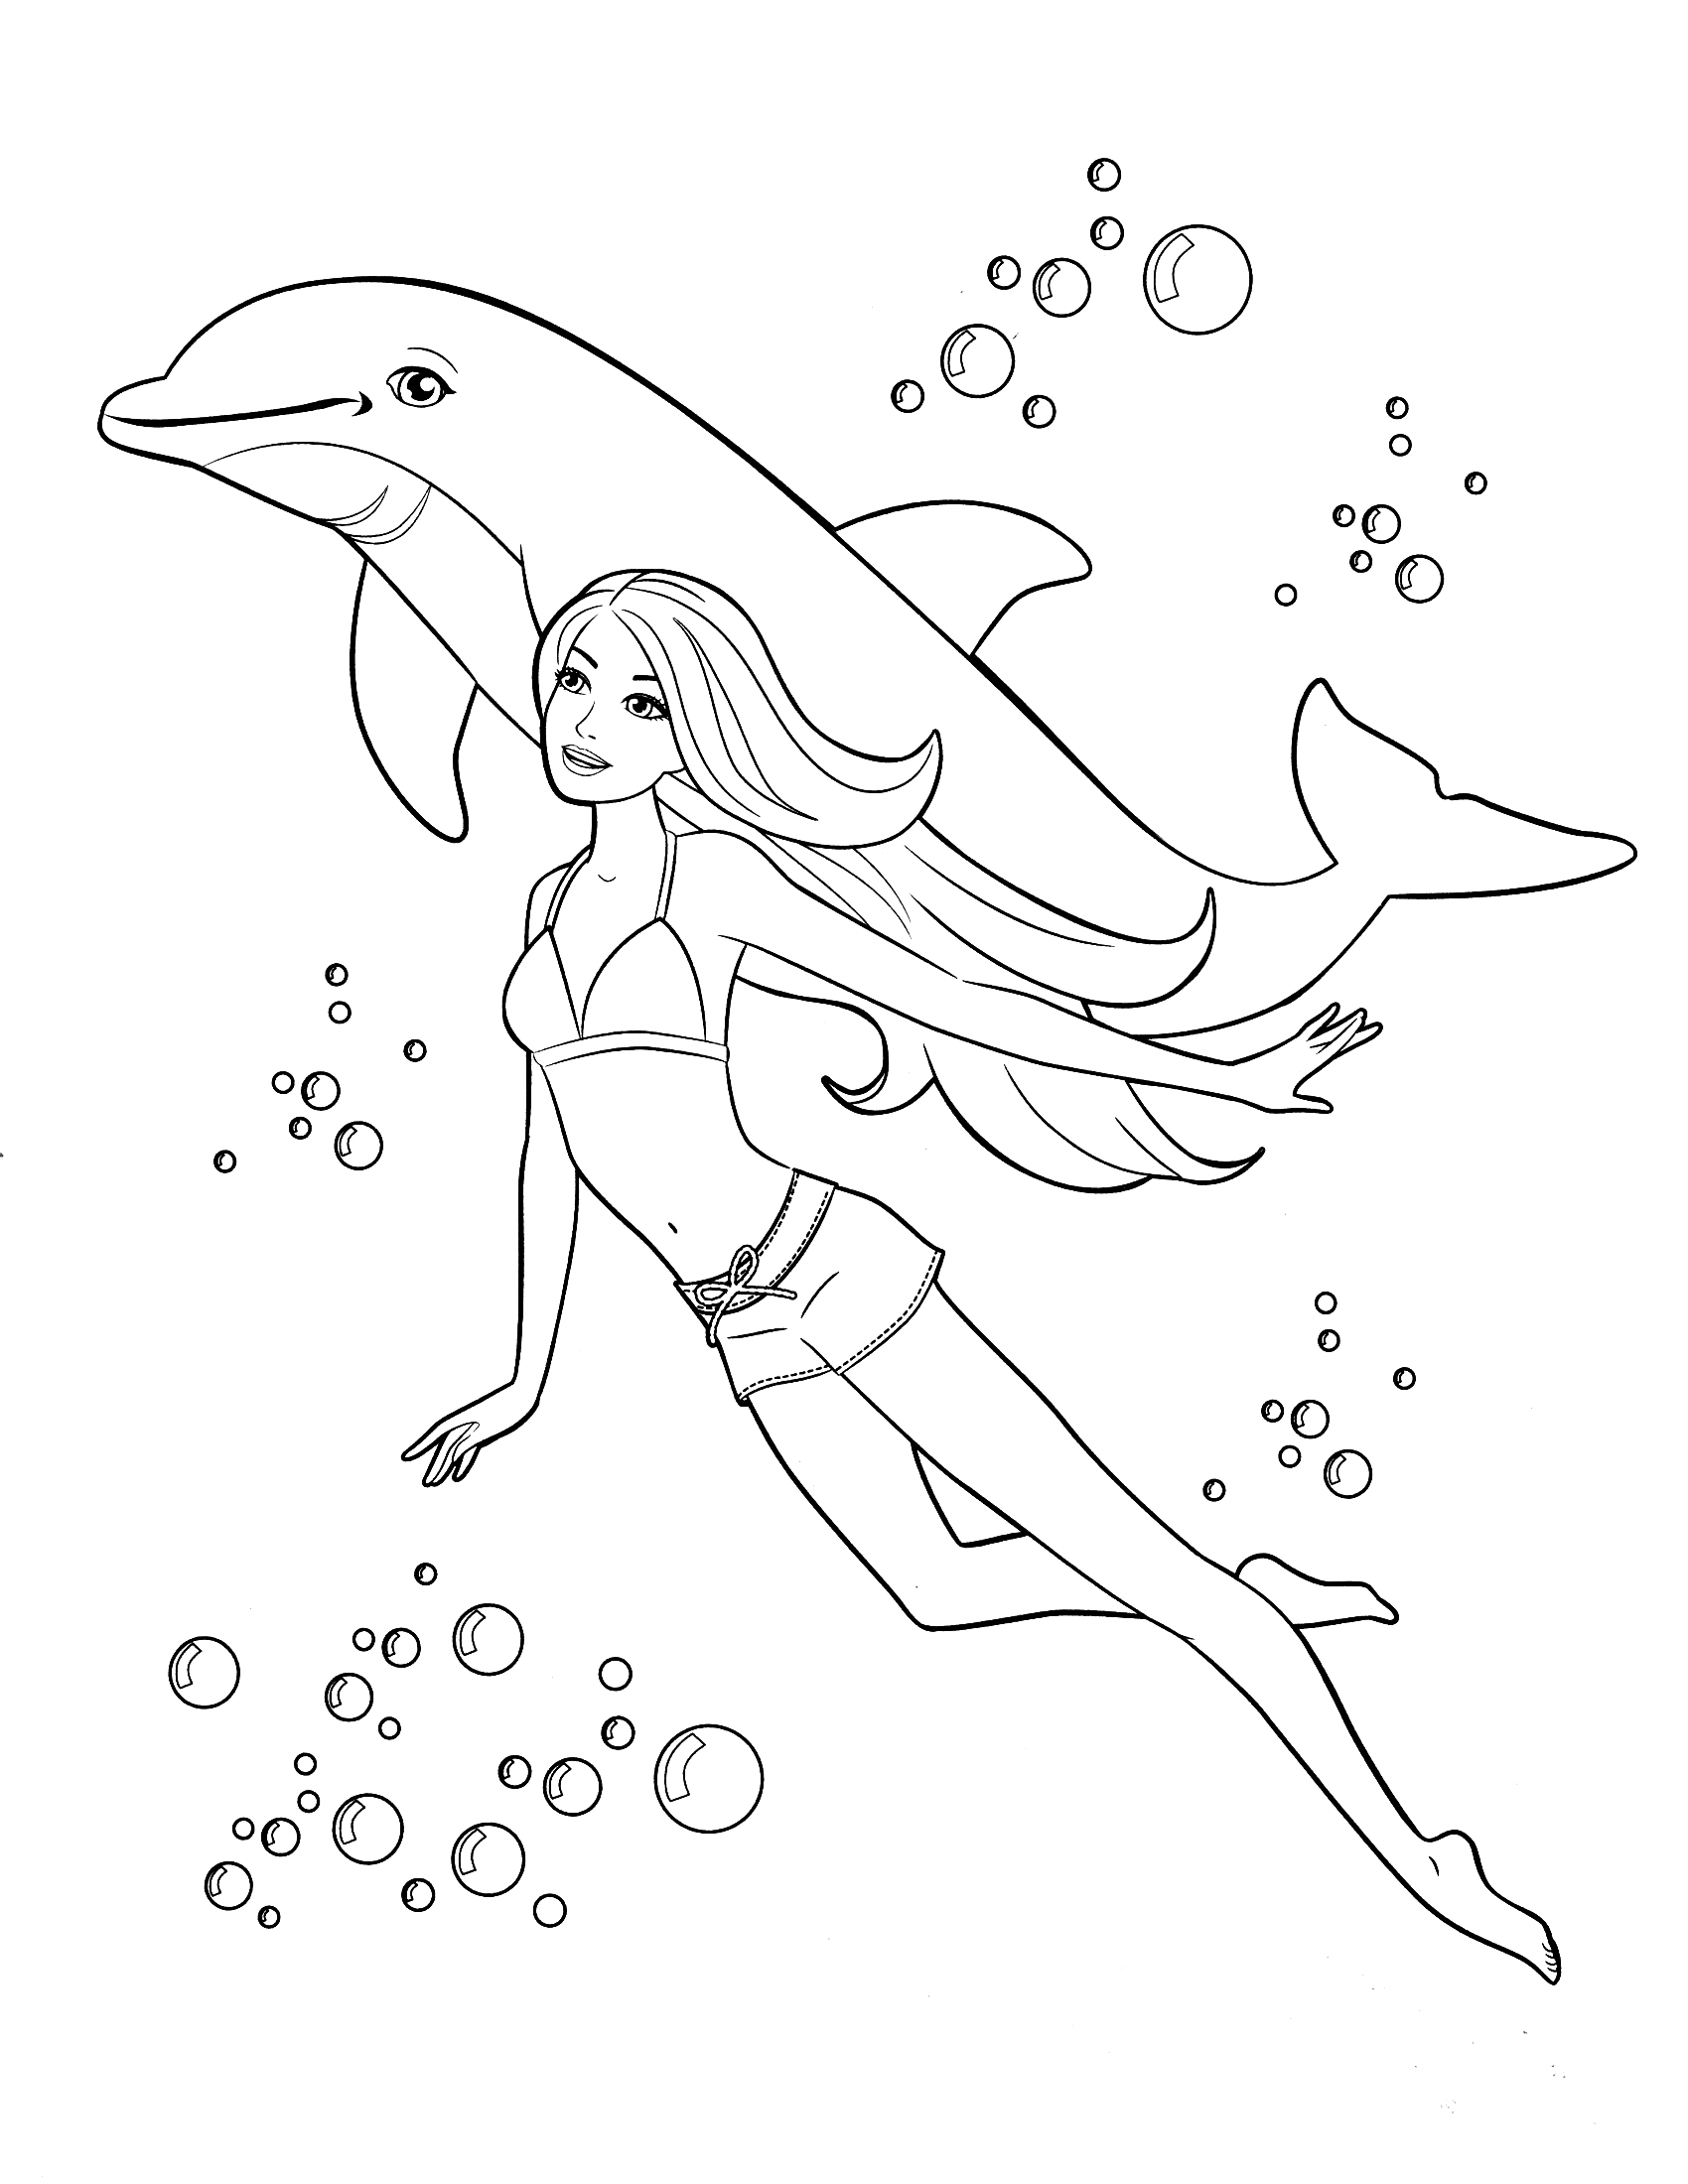 раскраска барби с дельфином распечатать или скачать бесплатно